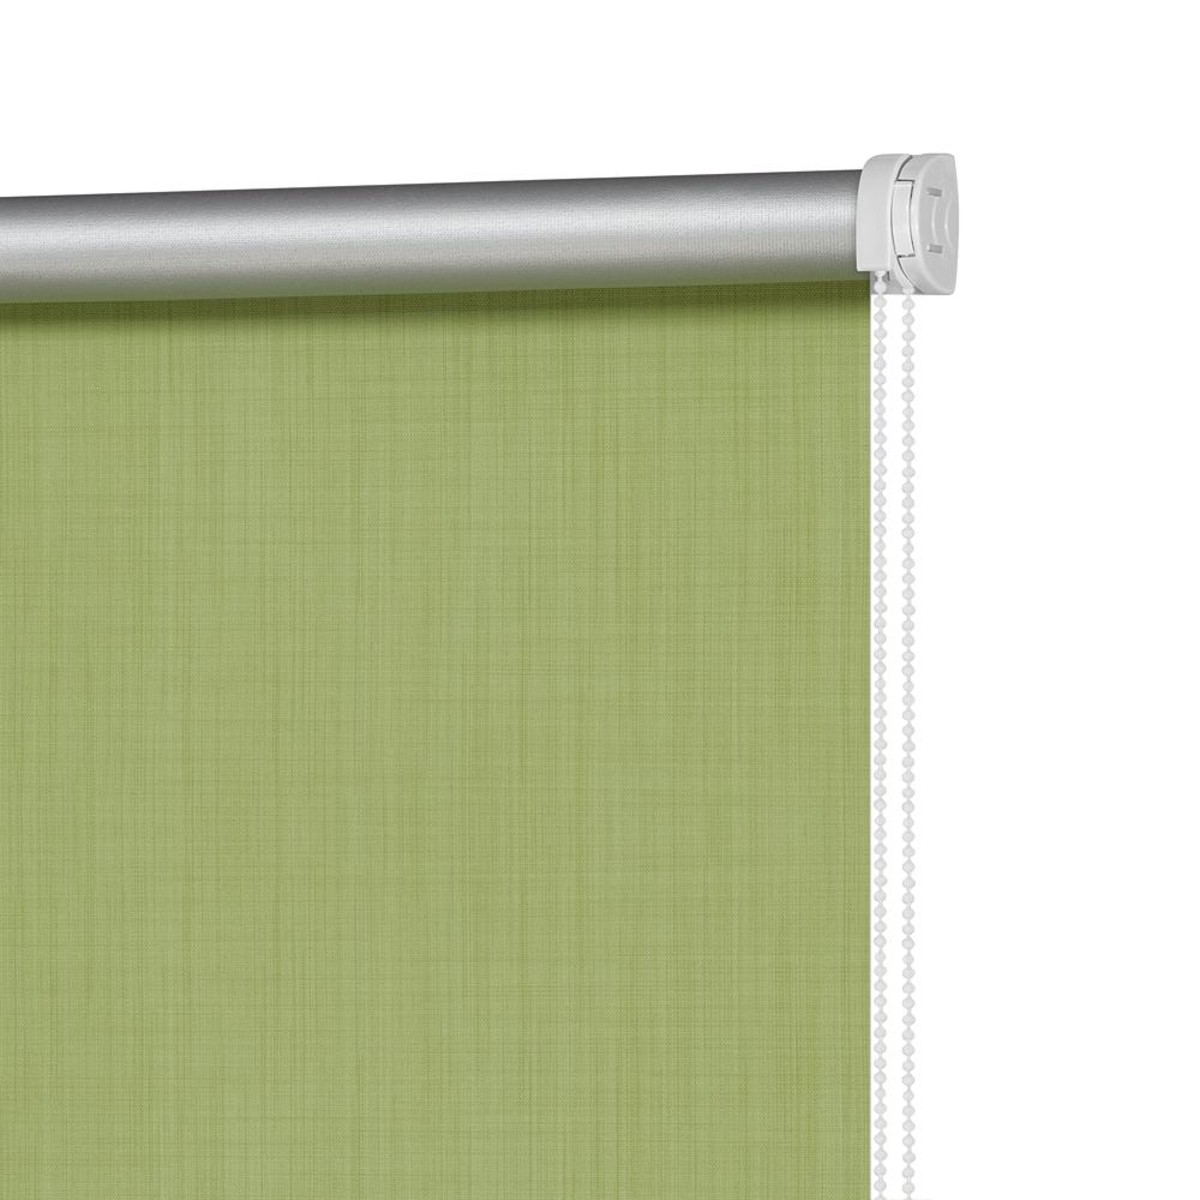 Рулонная Ора Decofest Блэкаут Селия 40Х160 Цвет Зеленый